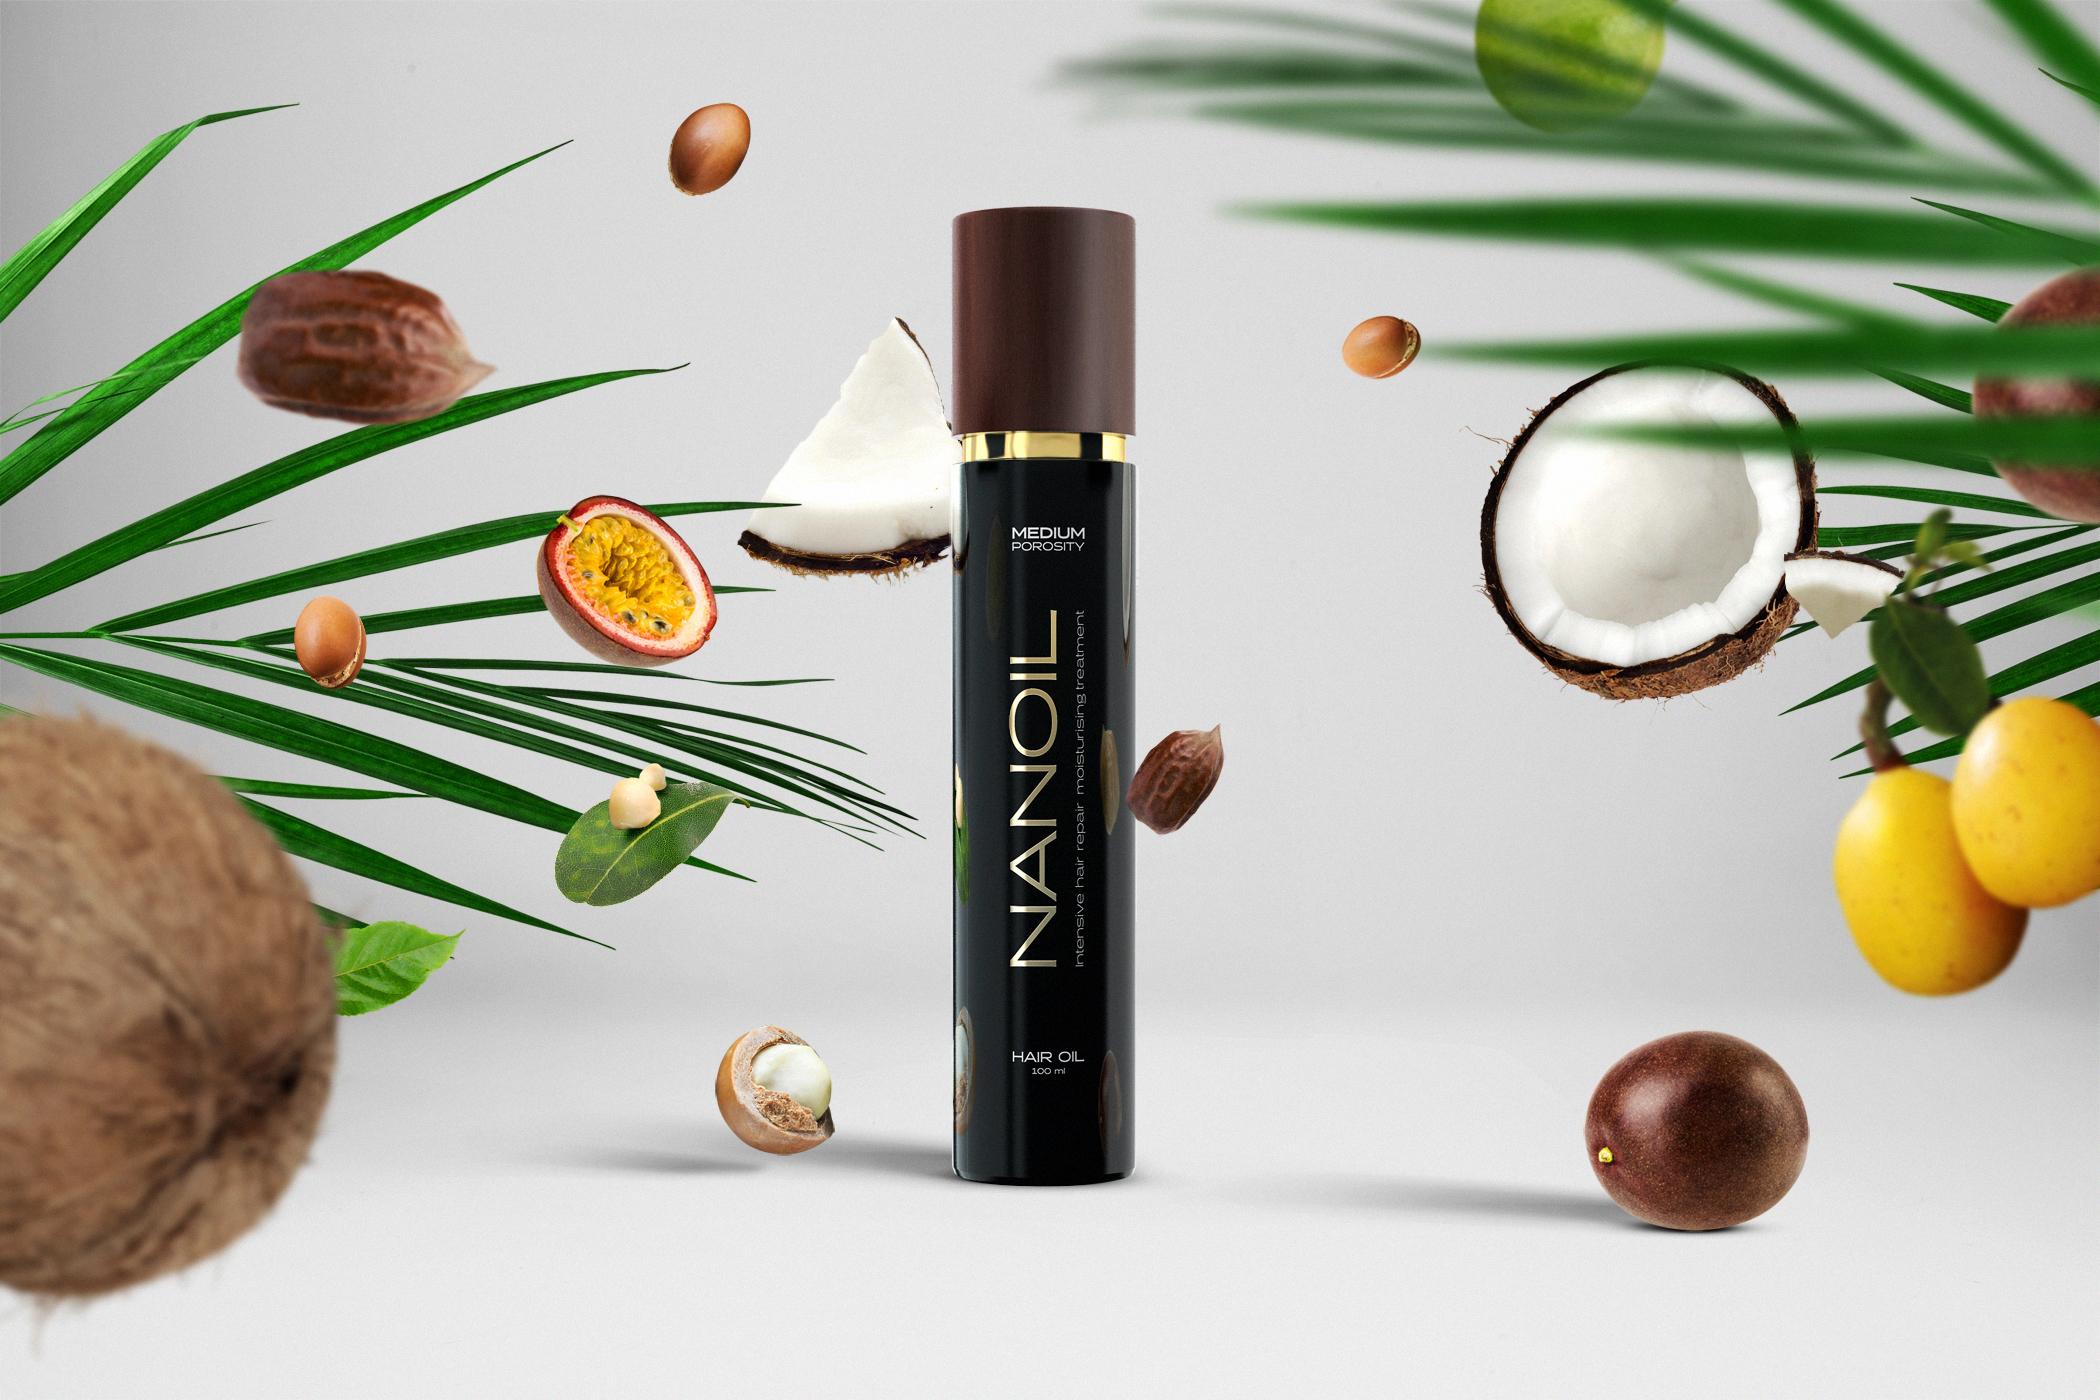 Iconic hair oil - NANOIL